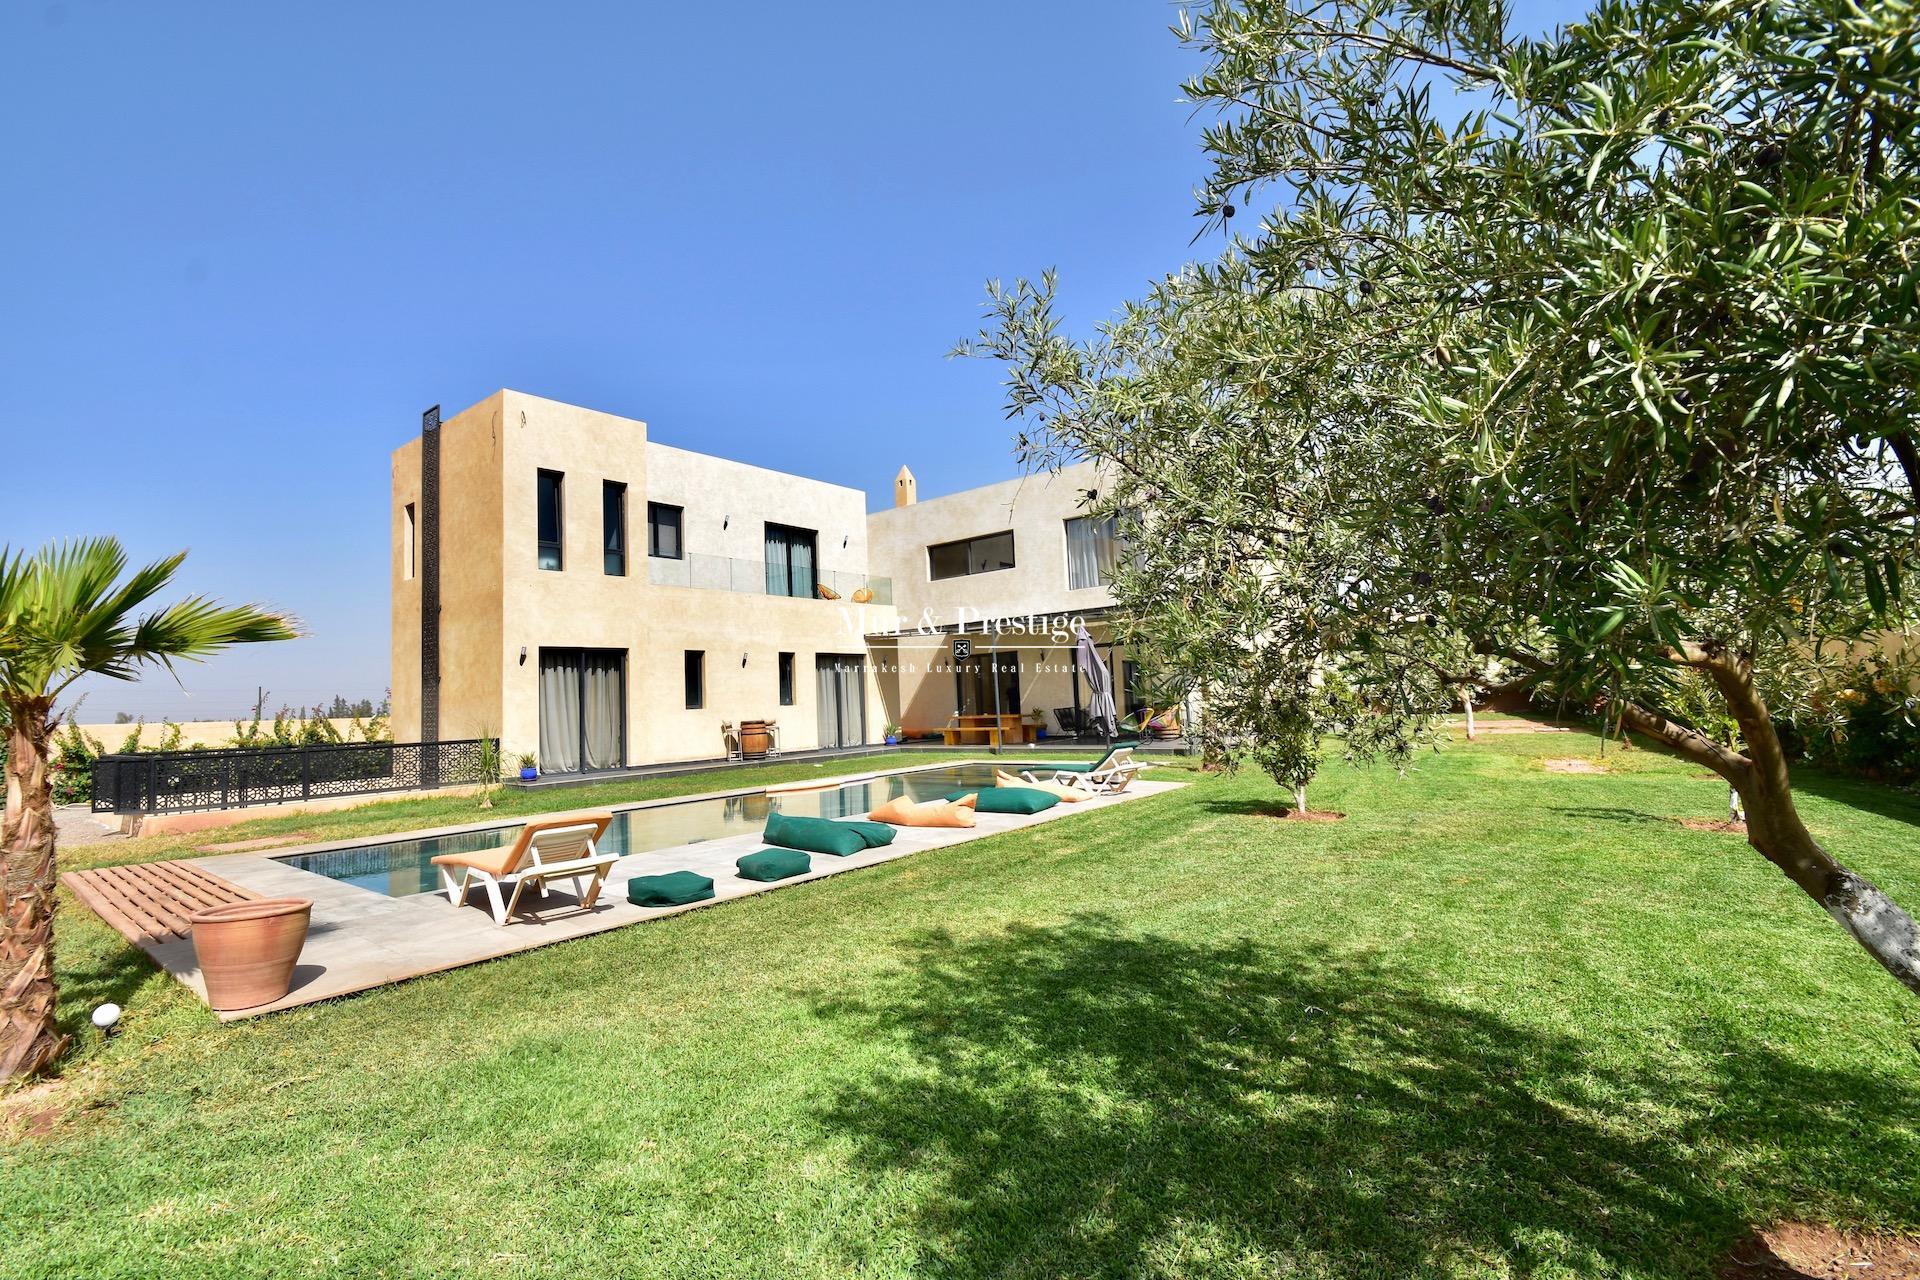 Agence Immobilière à Marrakech - Maison moderne en vente